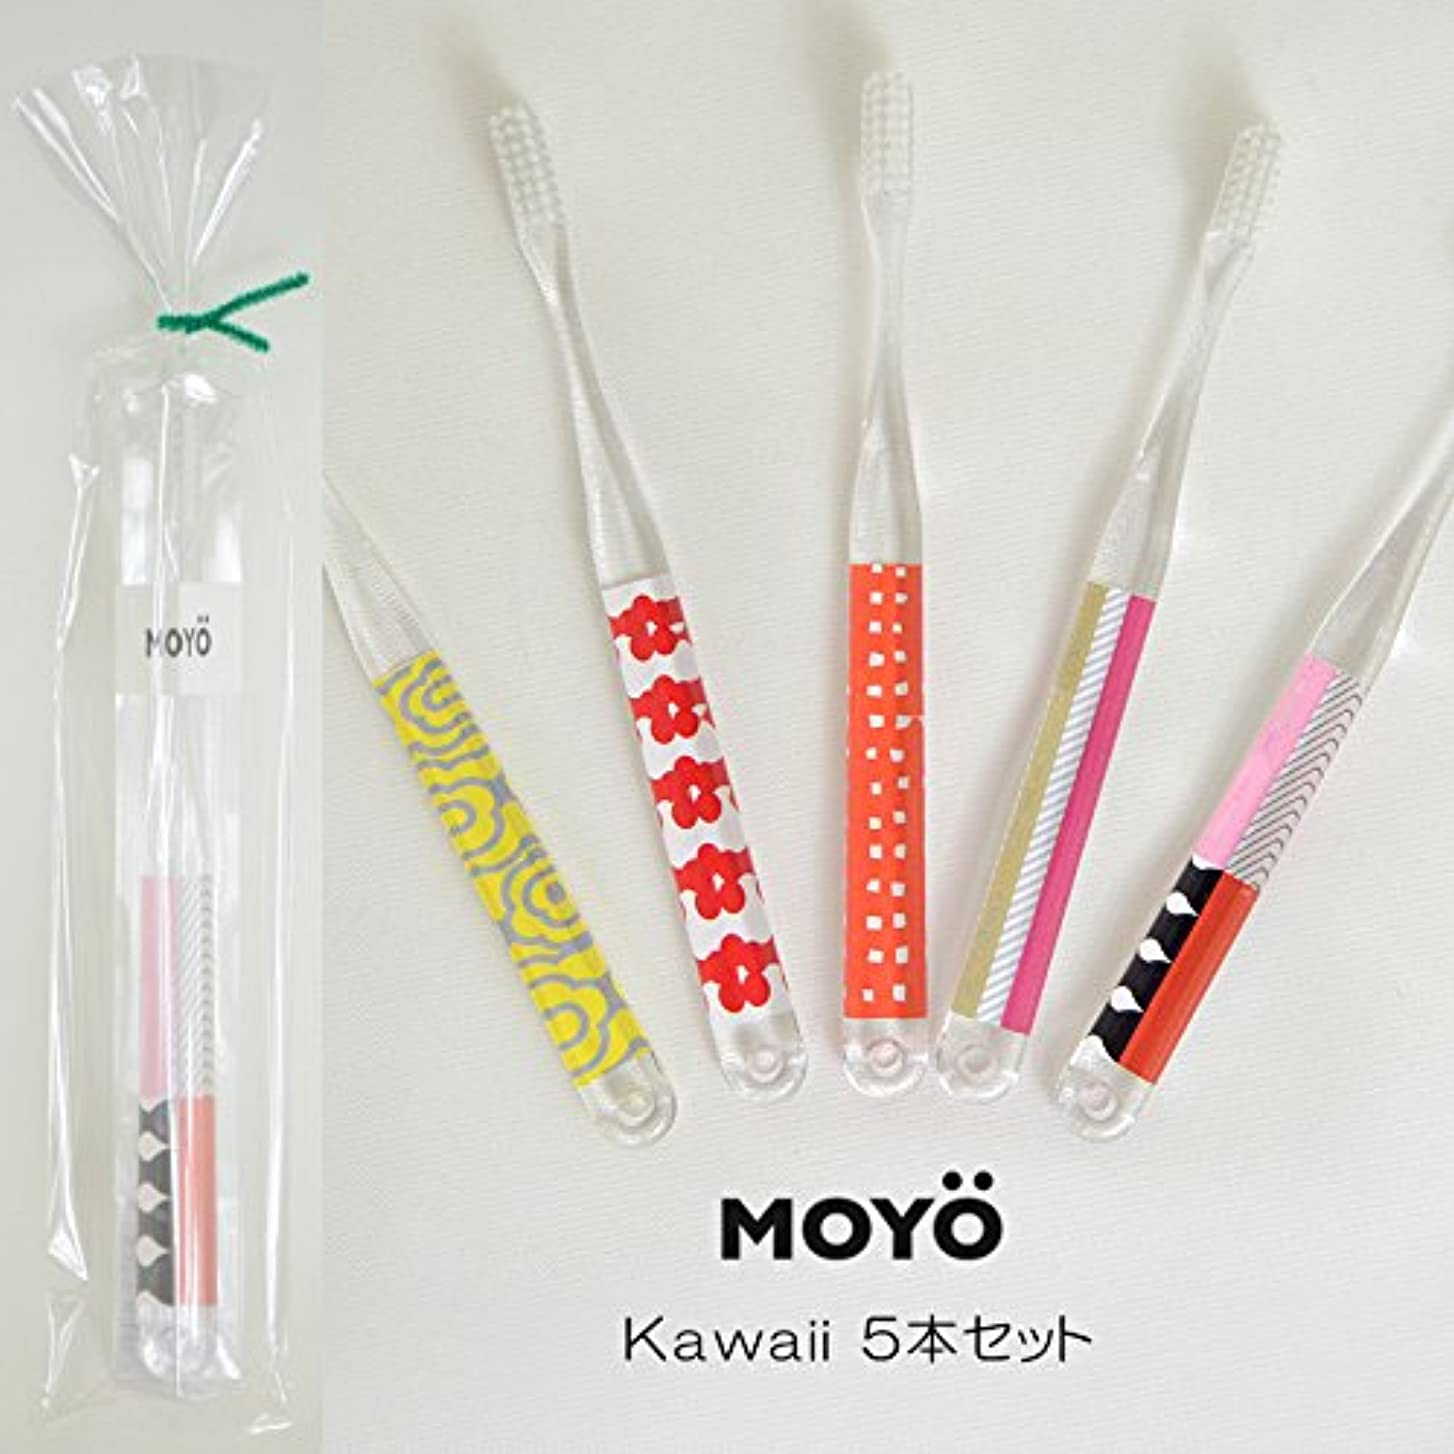 猛烈なラベ満員MOYO モヨウ 歯ブラシ kawaii5本 プチ ギフト セット_562302-kawaii 【F】,kawaii5本セット